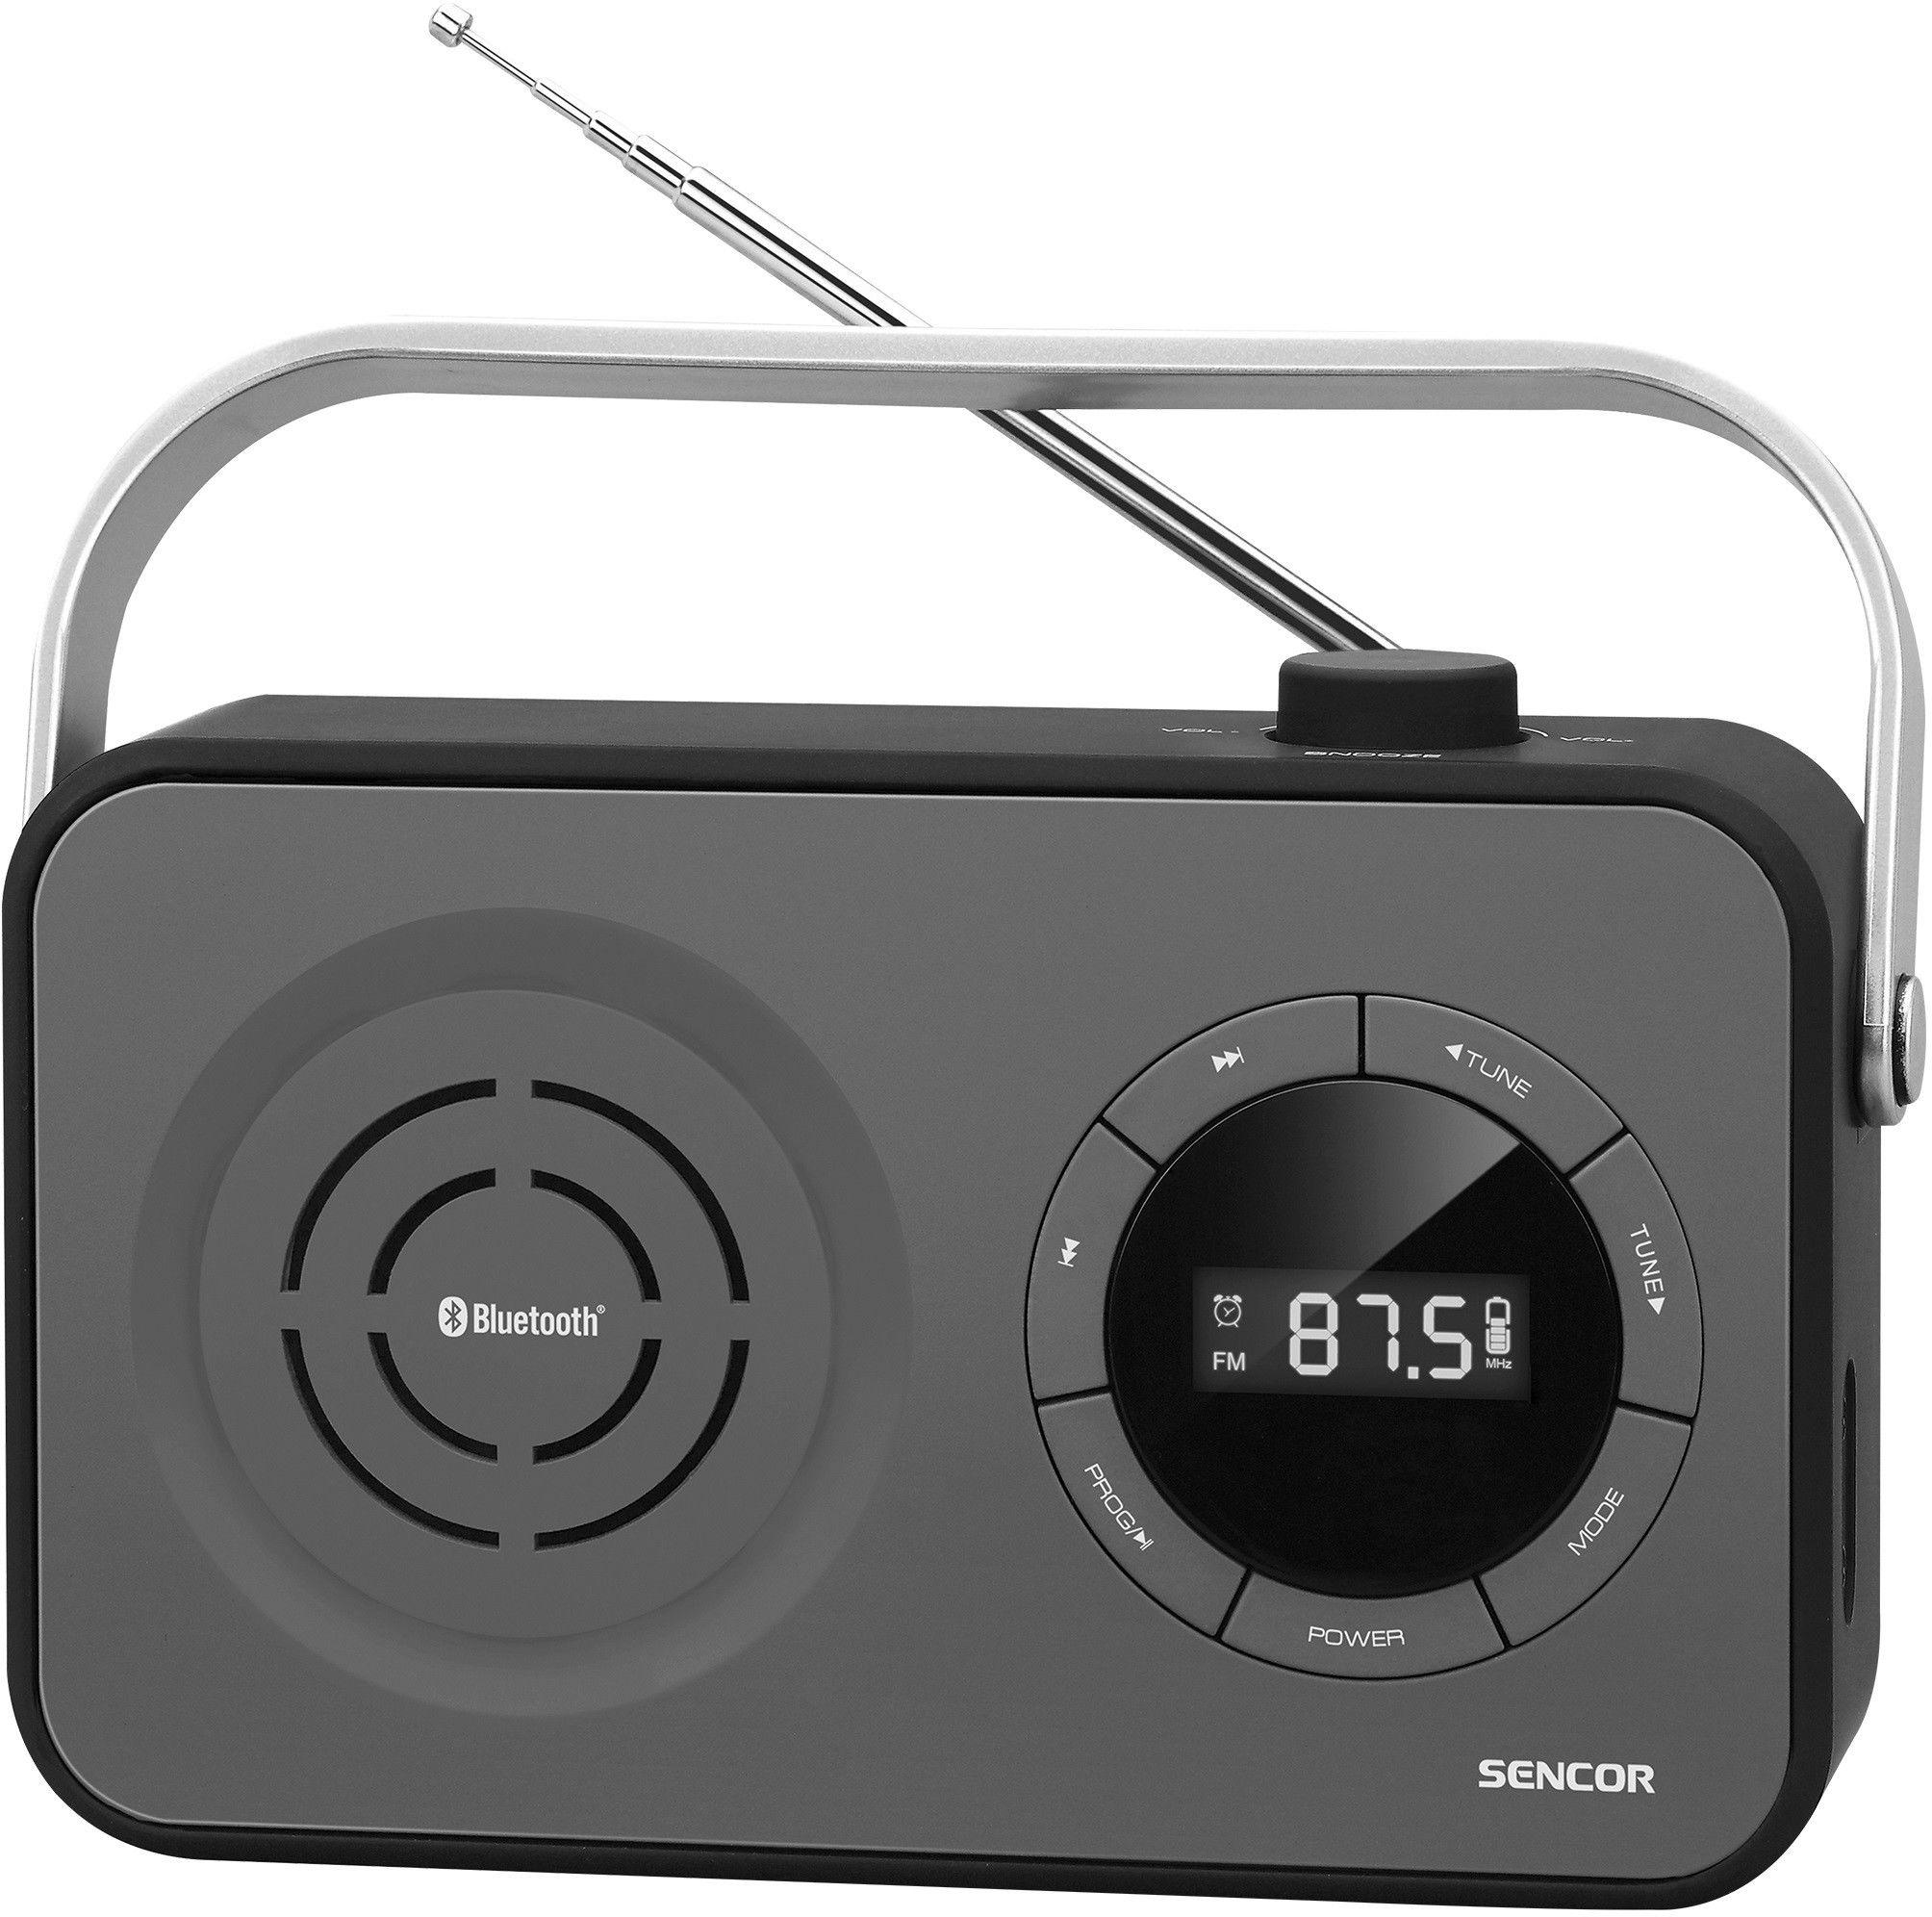 Sencor SRD 3200B radio